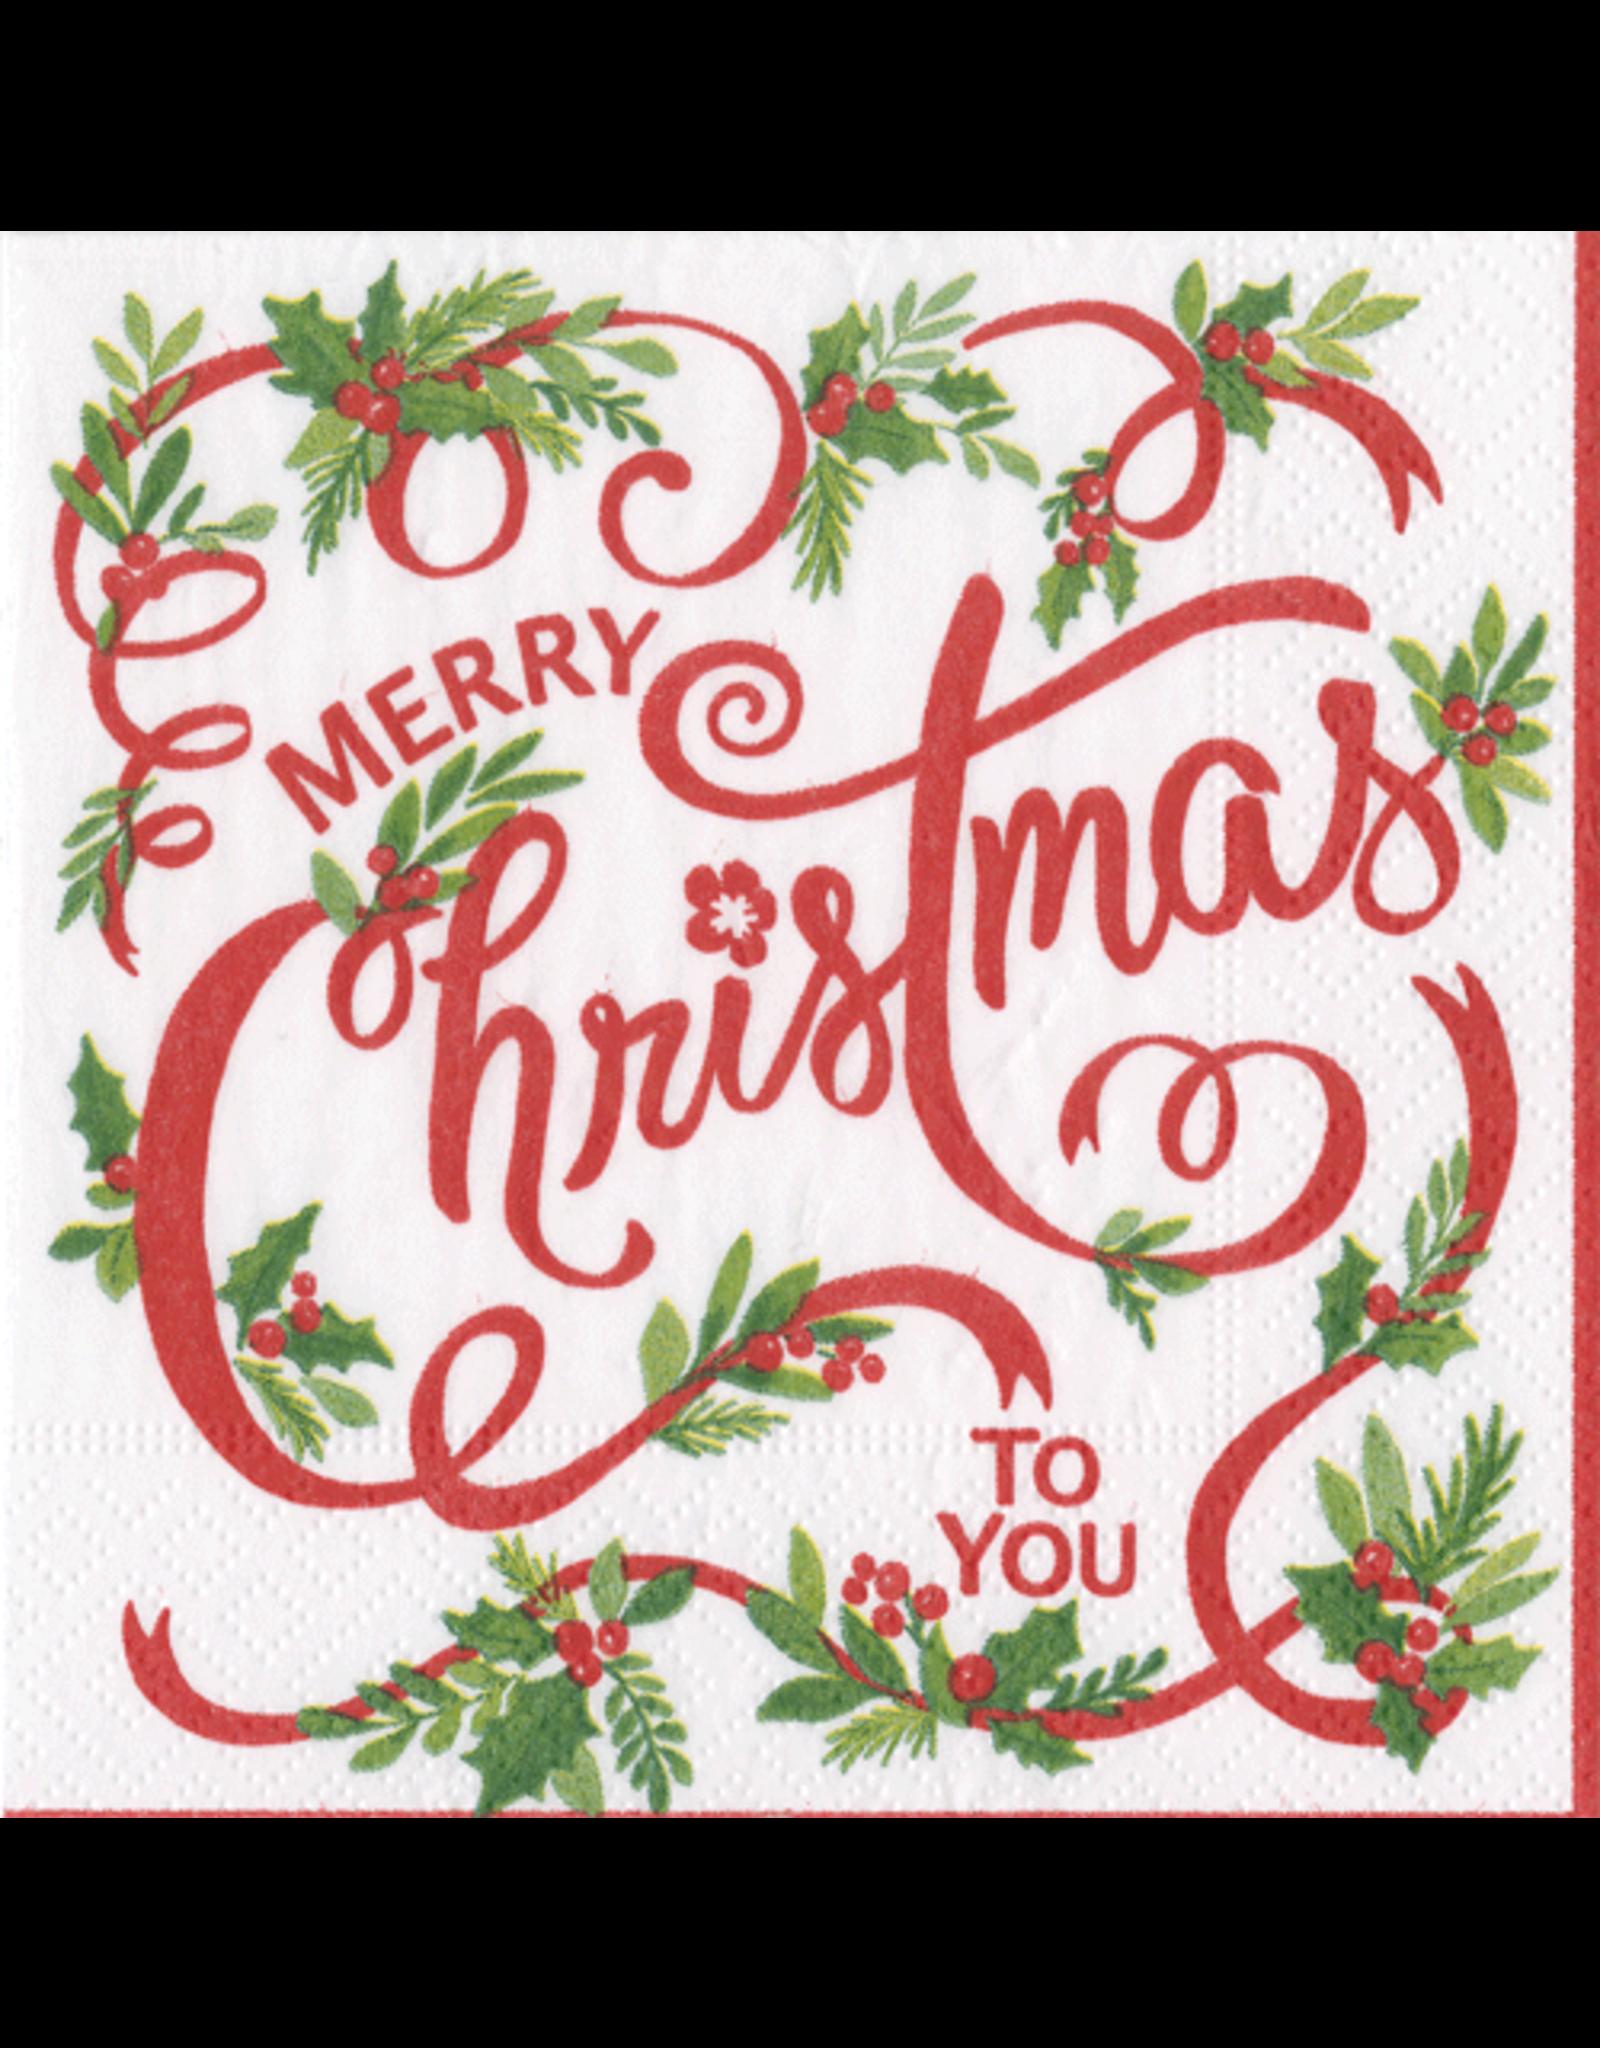 Caspari Christmas Paper Cocktail Napkins 20pk Merry Christmas To You